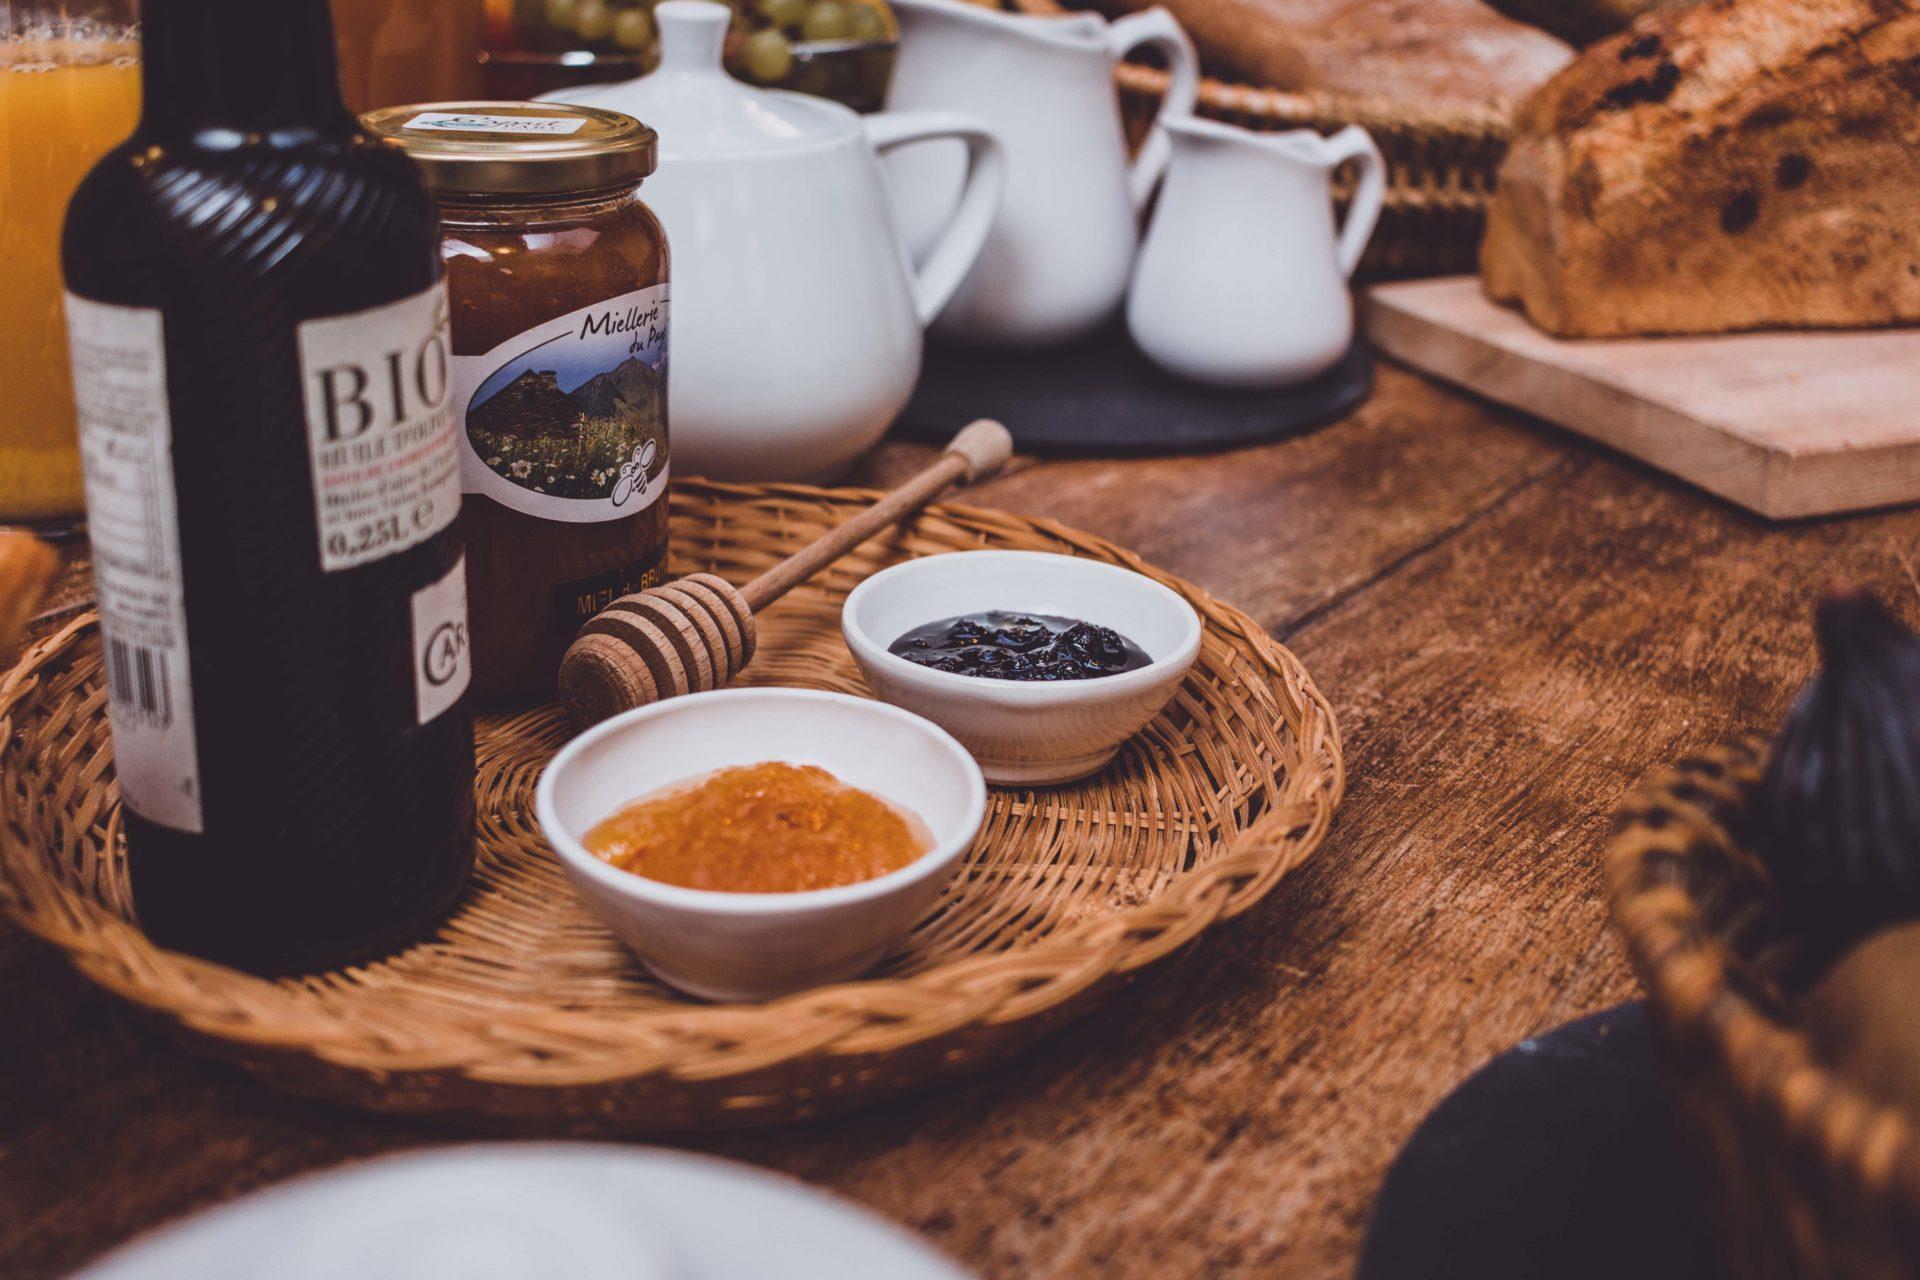 photographie culinaire-foodporn-photographe culinaire-Lourdes-Tarbes-pau-dégustation visuelle-pain-bred